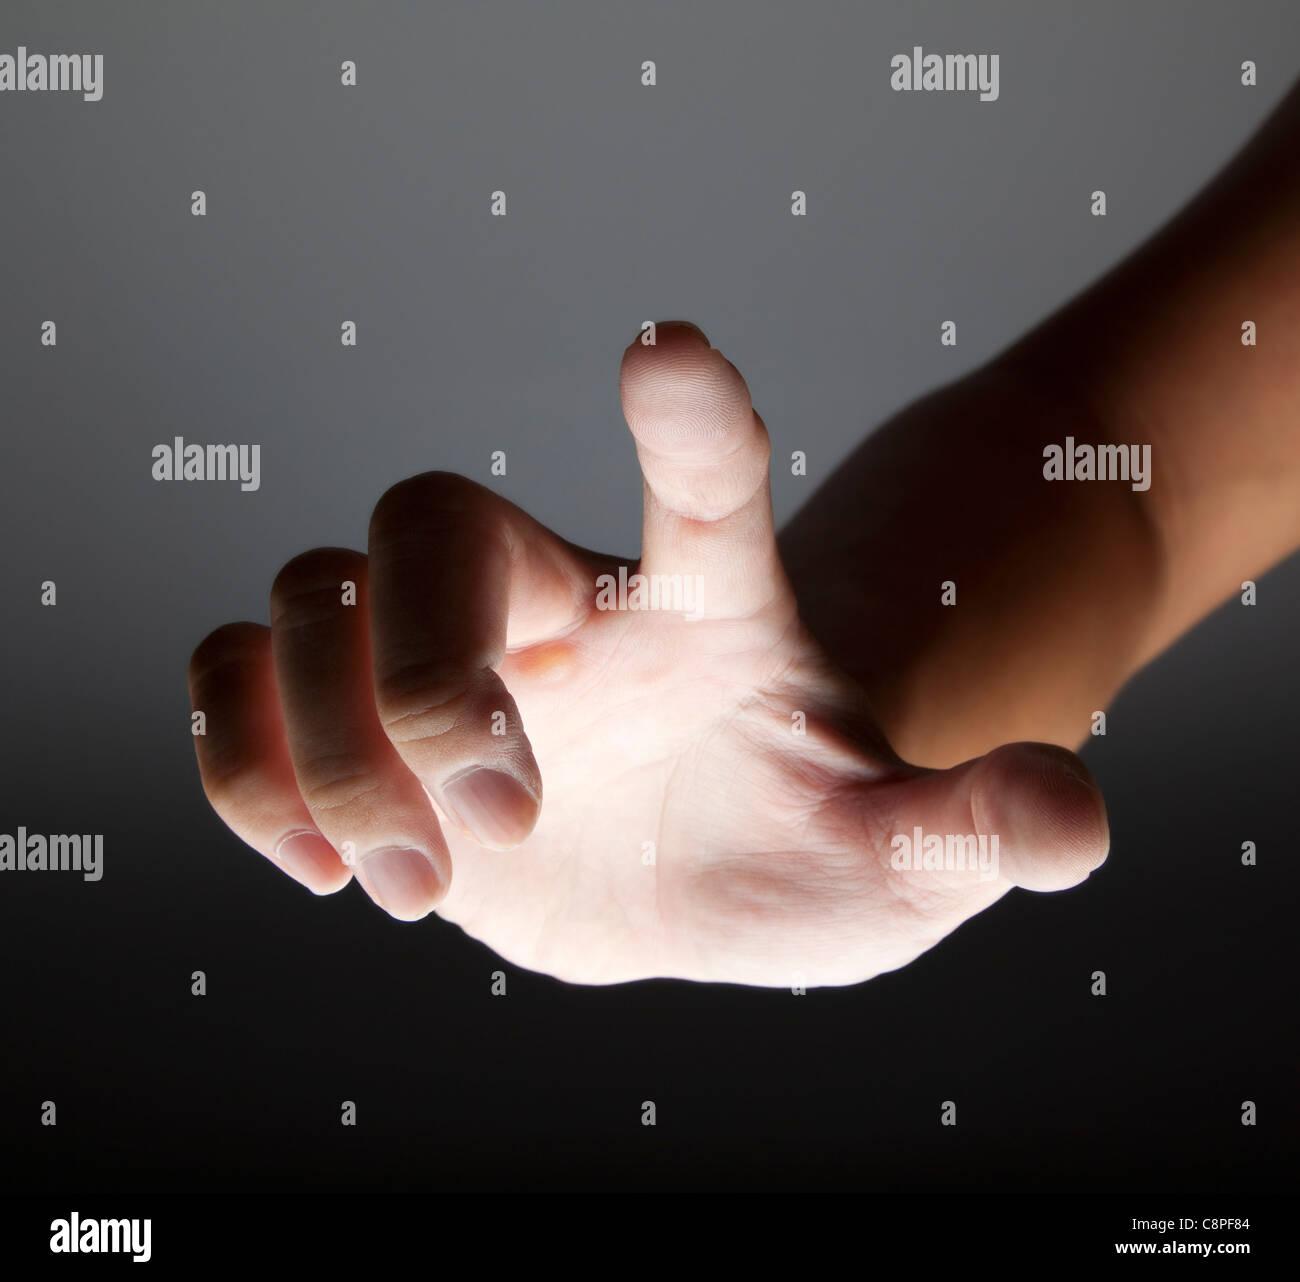 Toucher la main dans le noir Photo Stock